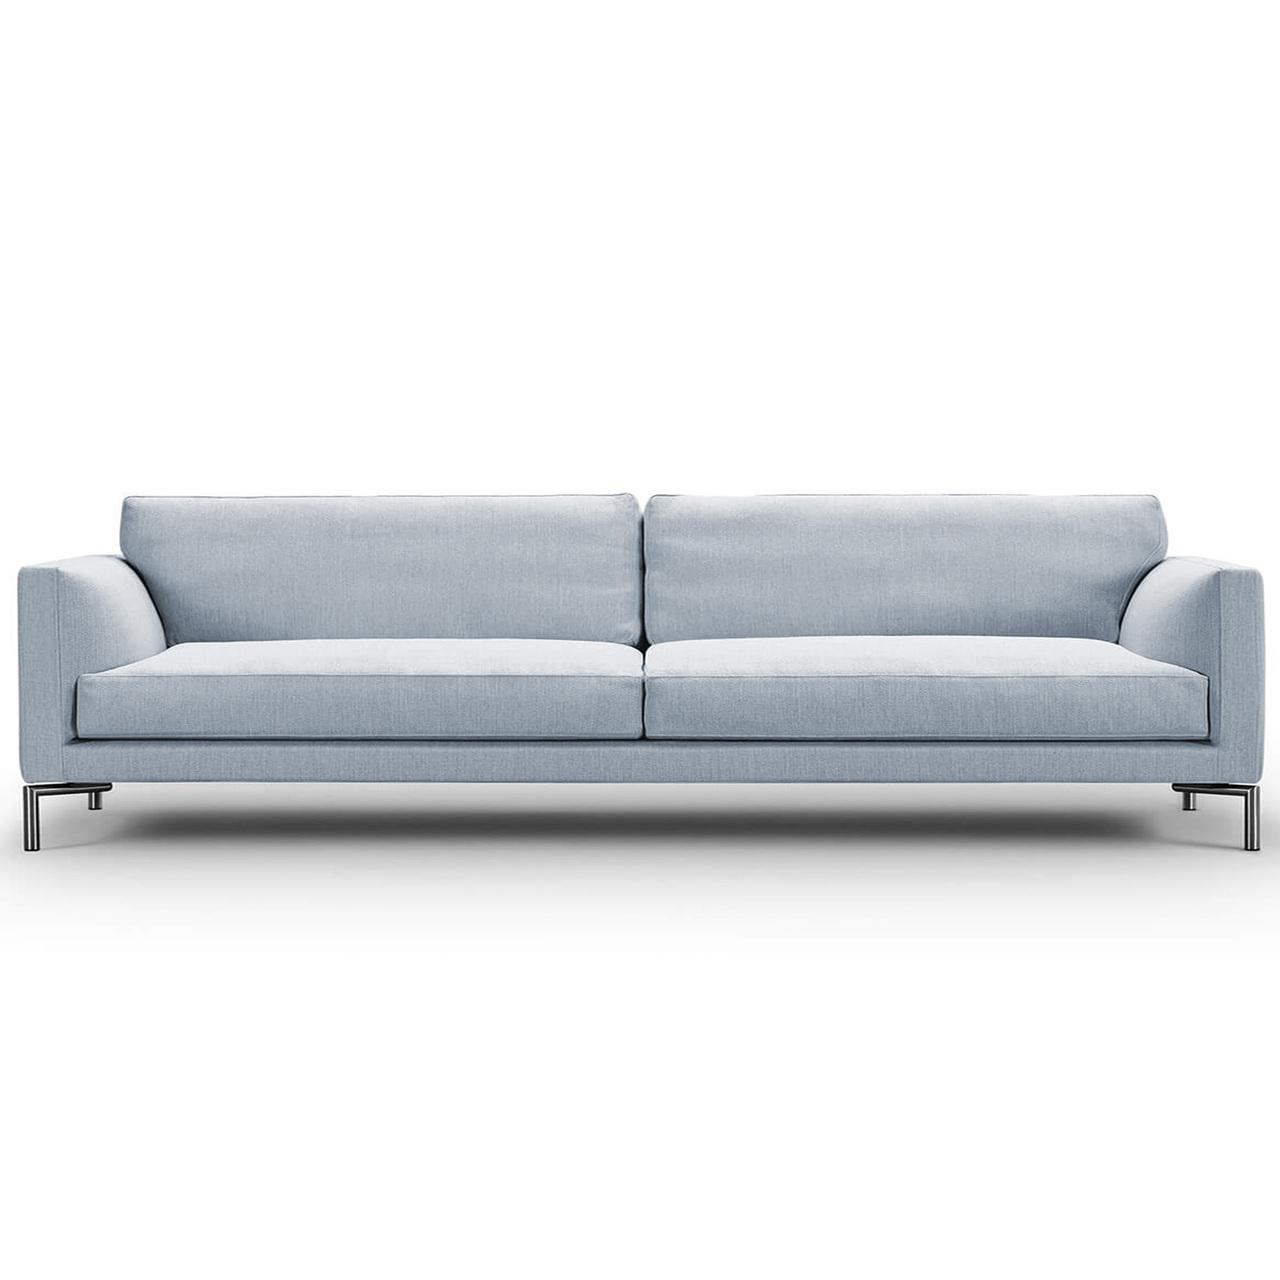 Eilersen Sofa Mission Fenstergrau 26 - Nature, B: 240 cm, festsitzend